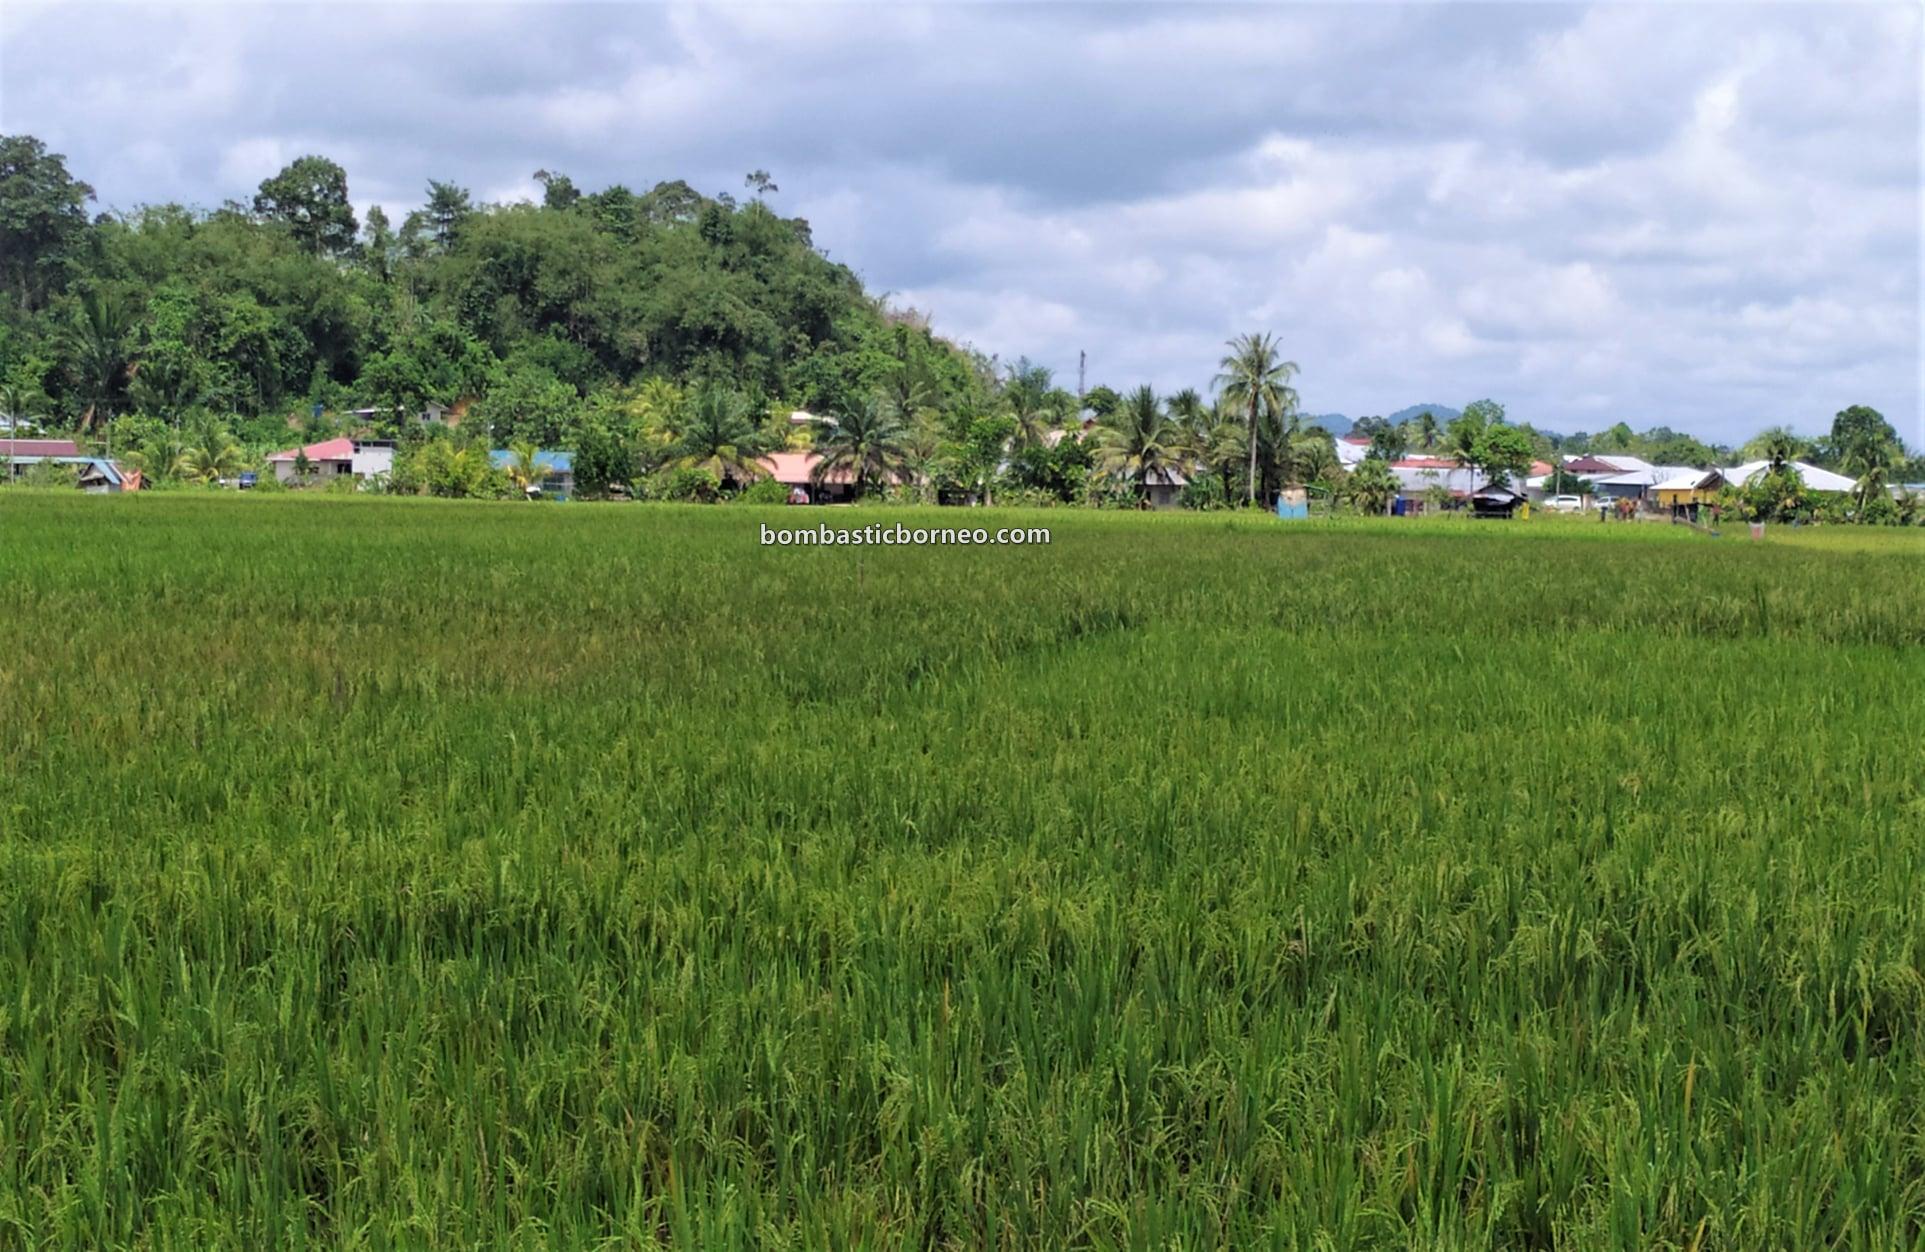 Sawah Padi, Village, Dayak Bidayuh, Serian, Sarawak, Malaysia, authentic, traditional, nature, ecotourism, travel local, Trans Borneo, 探索婆罗洲游踪, 砂拉越西连景点, 马来西亚稻米之乡